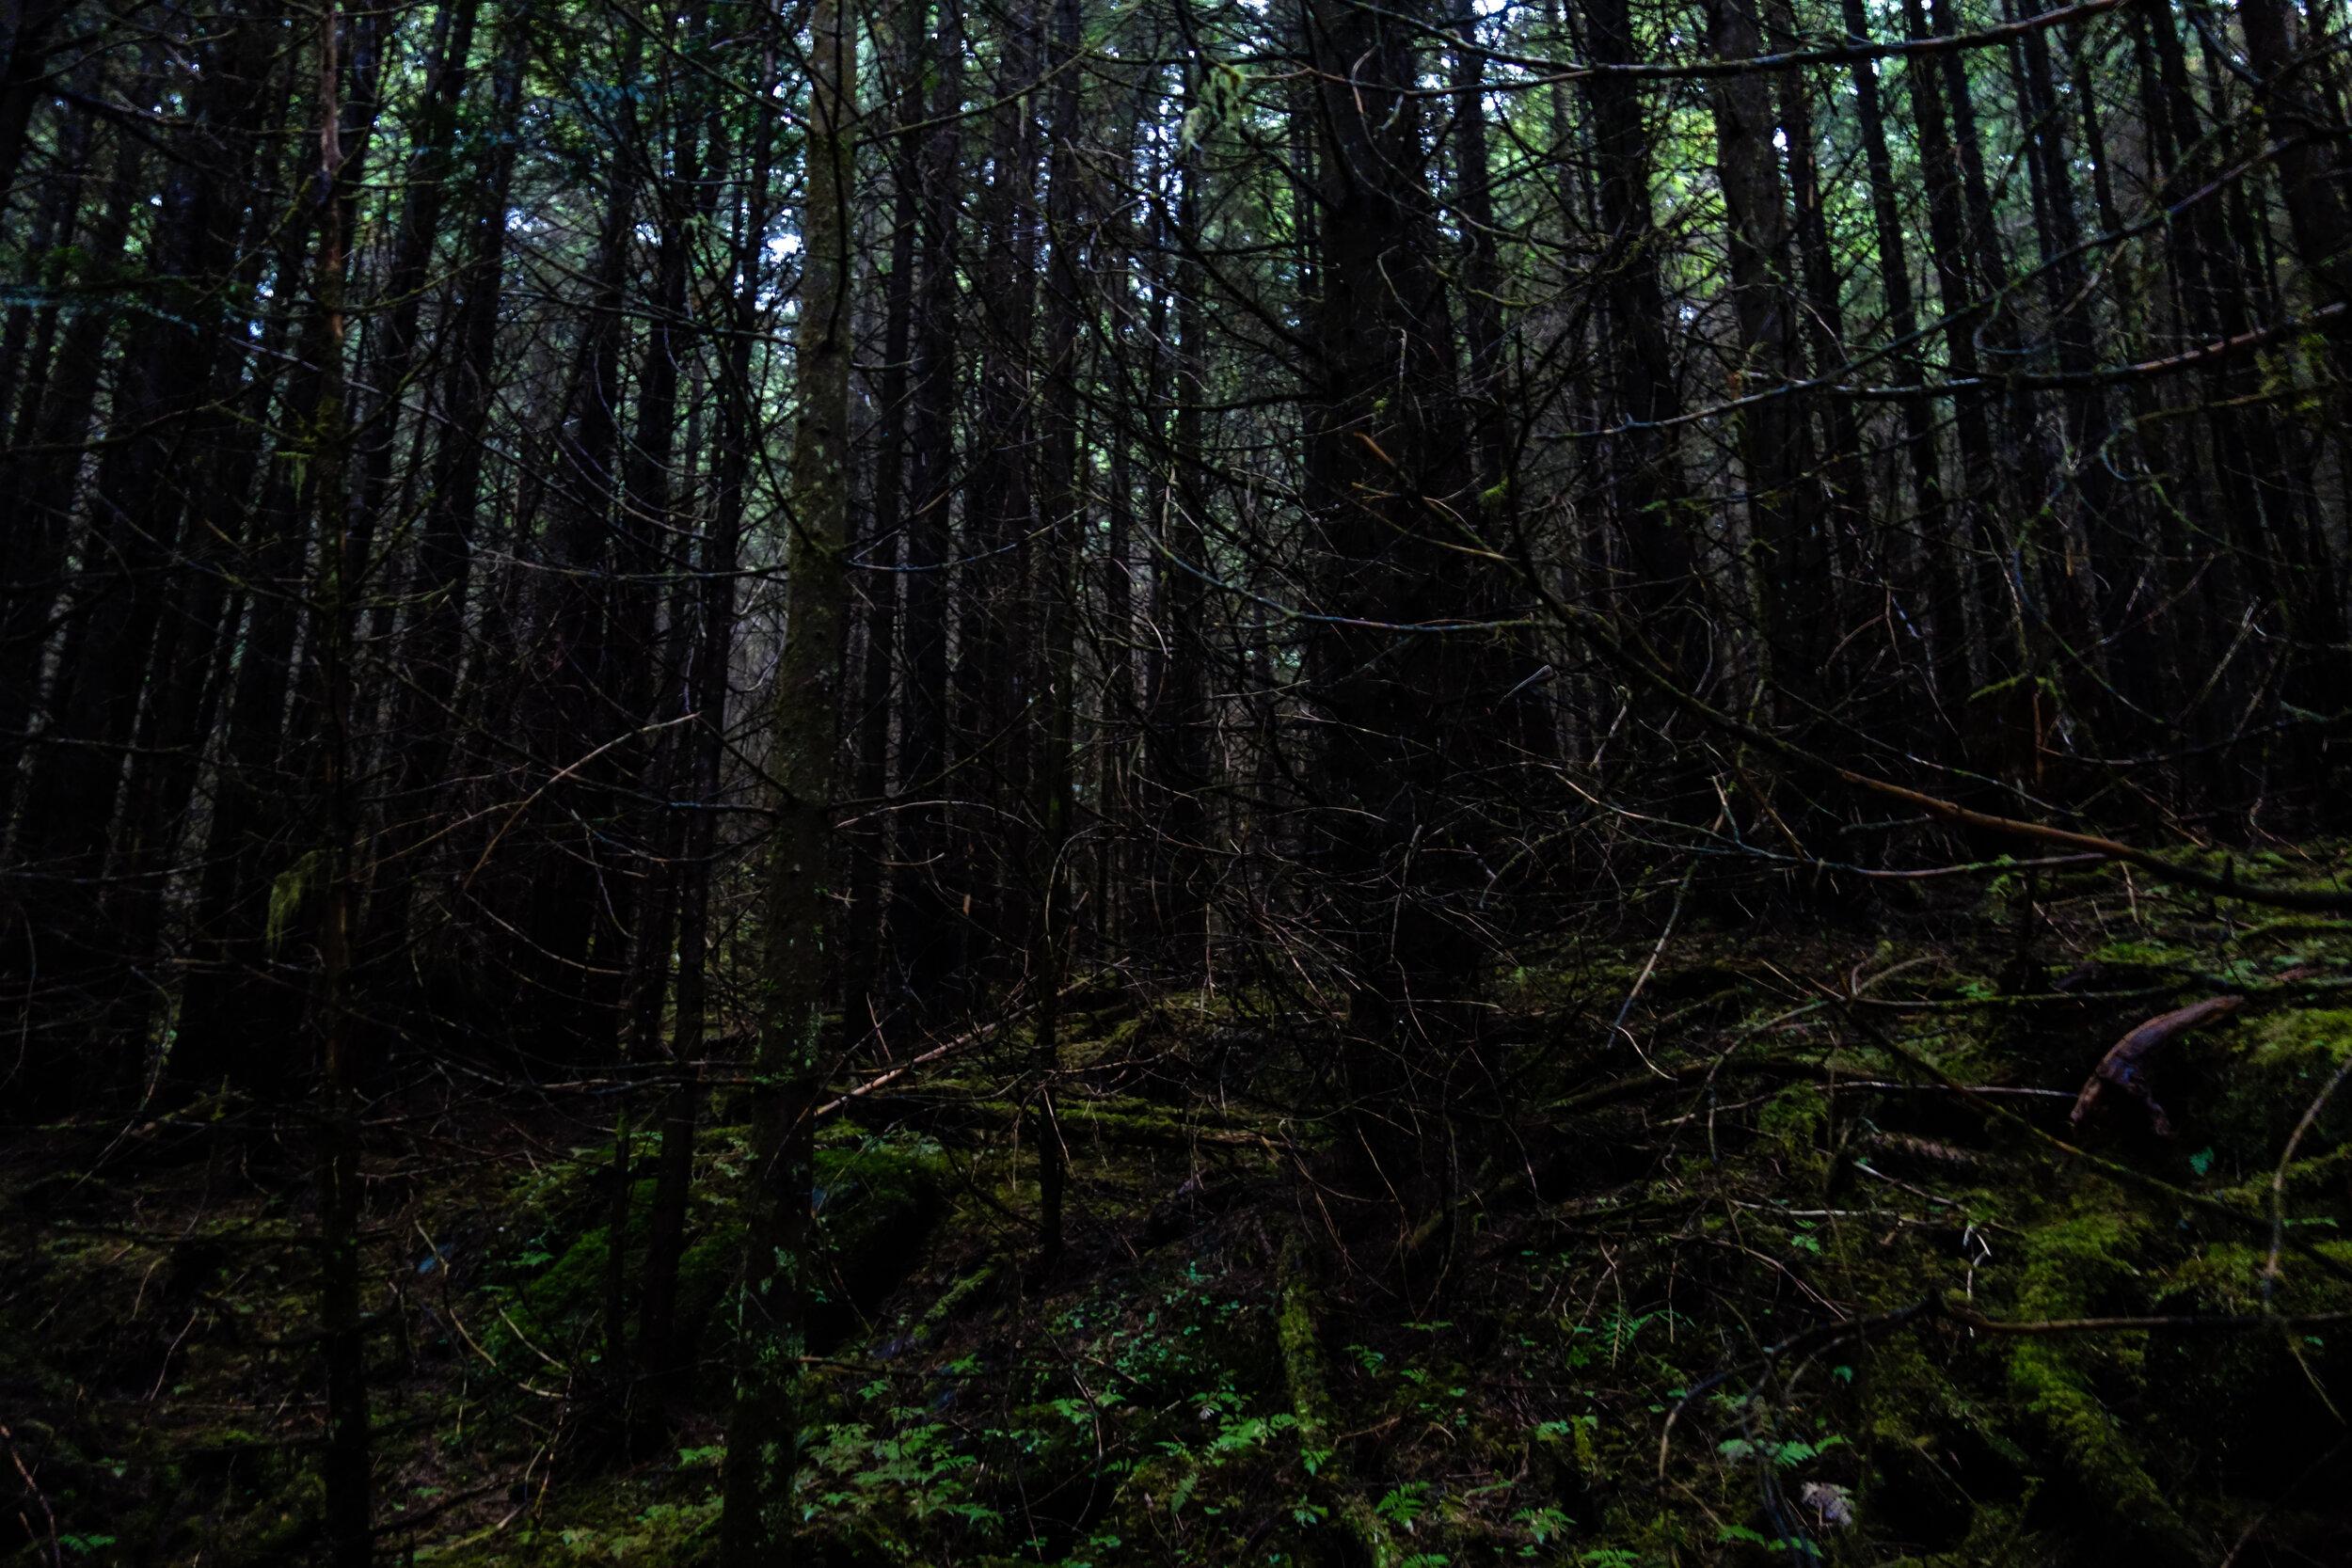 Stem-exclusion forest. Photo: Natalie Dawson